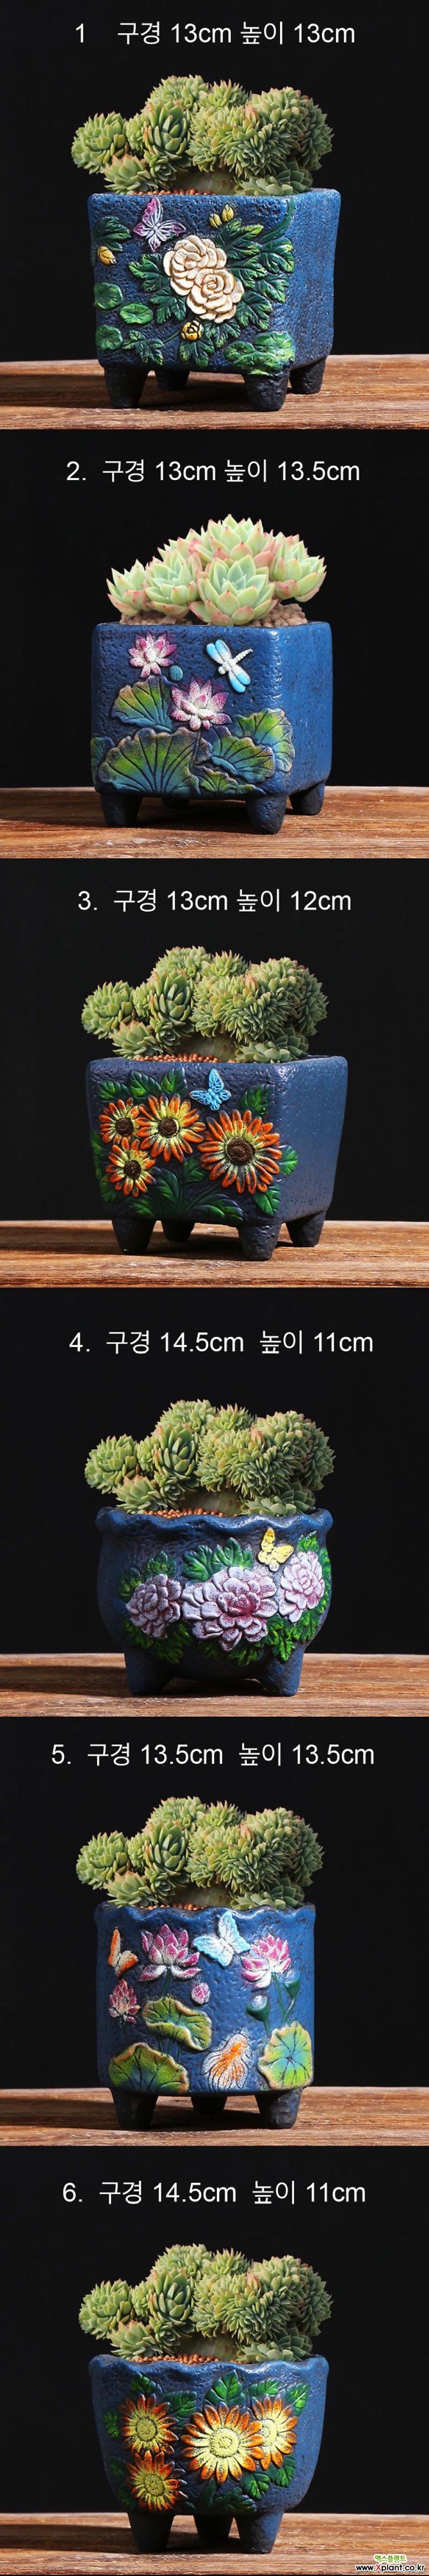 청나라수제꽃분 다육이수제꽃분 수제화분 인테리어화분 수제꽃분